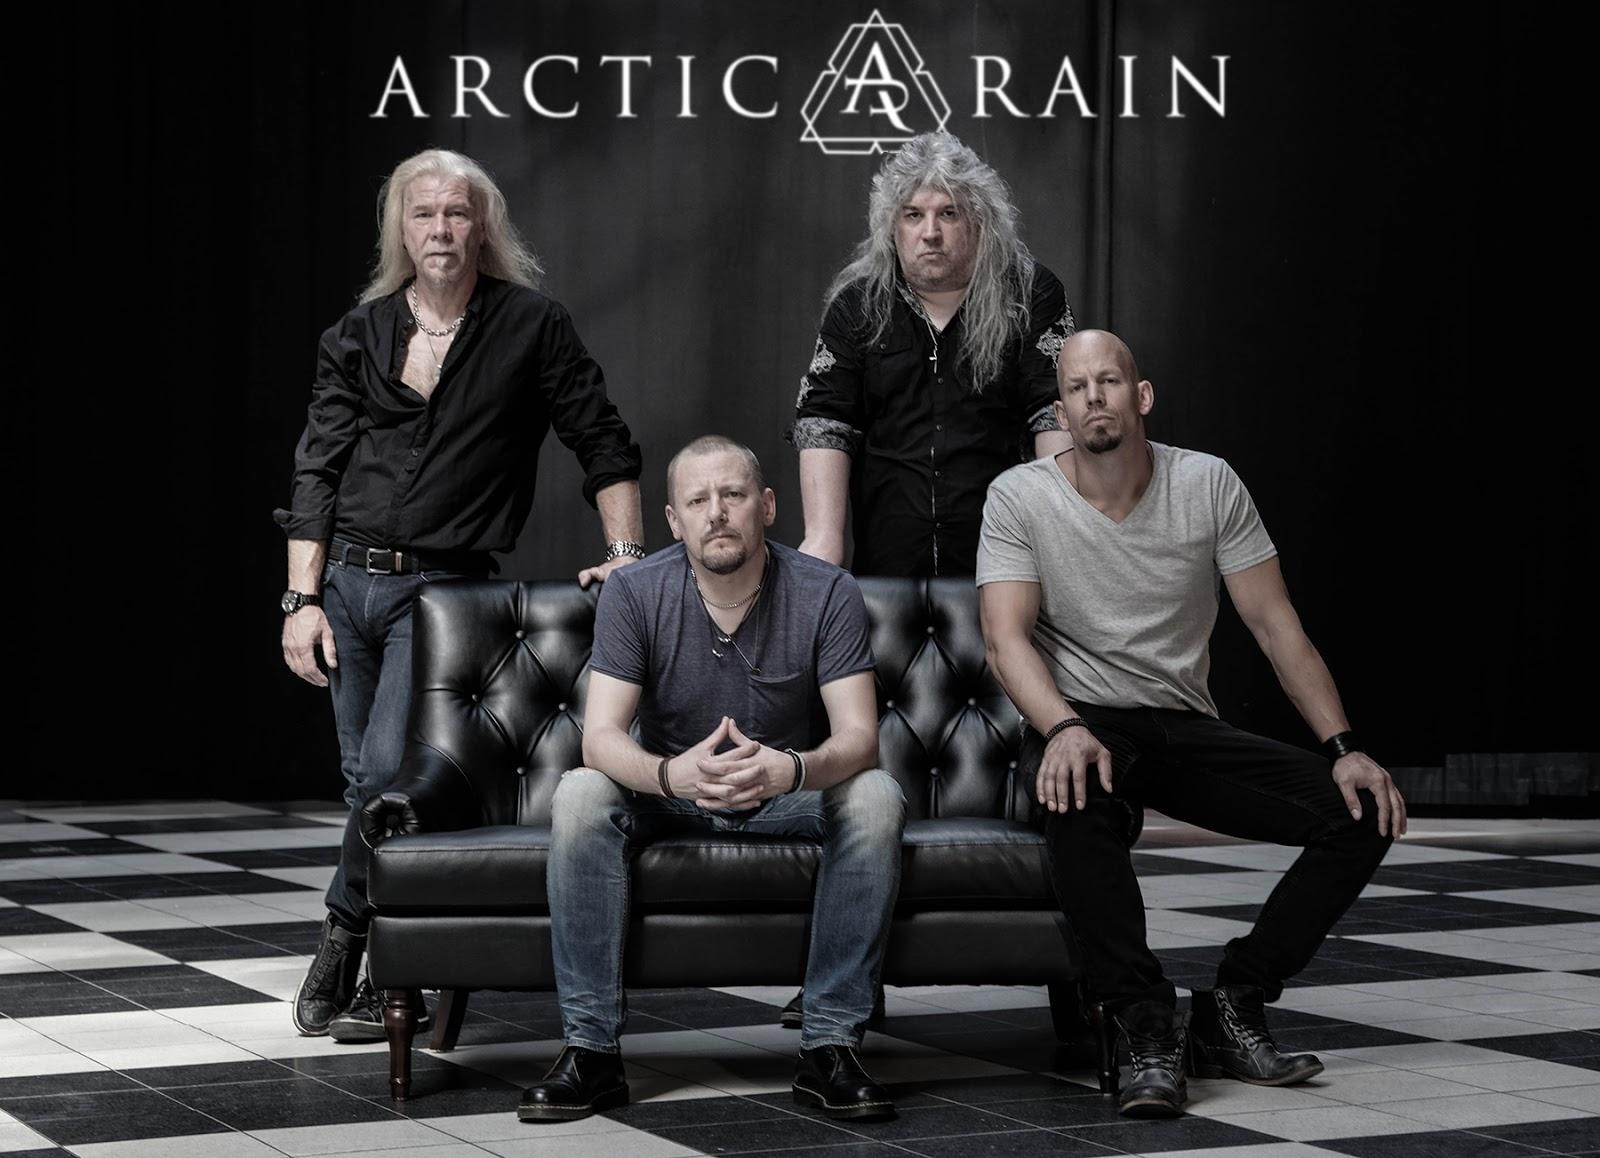 arctic rain band